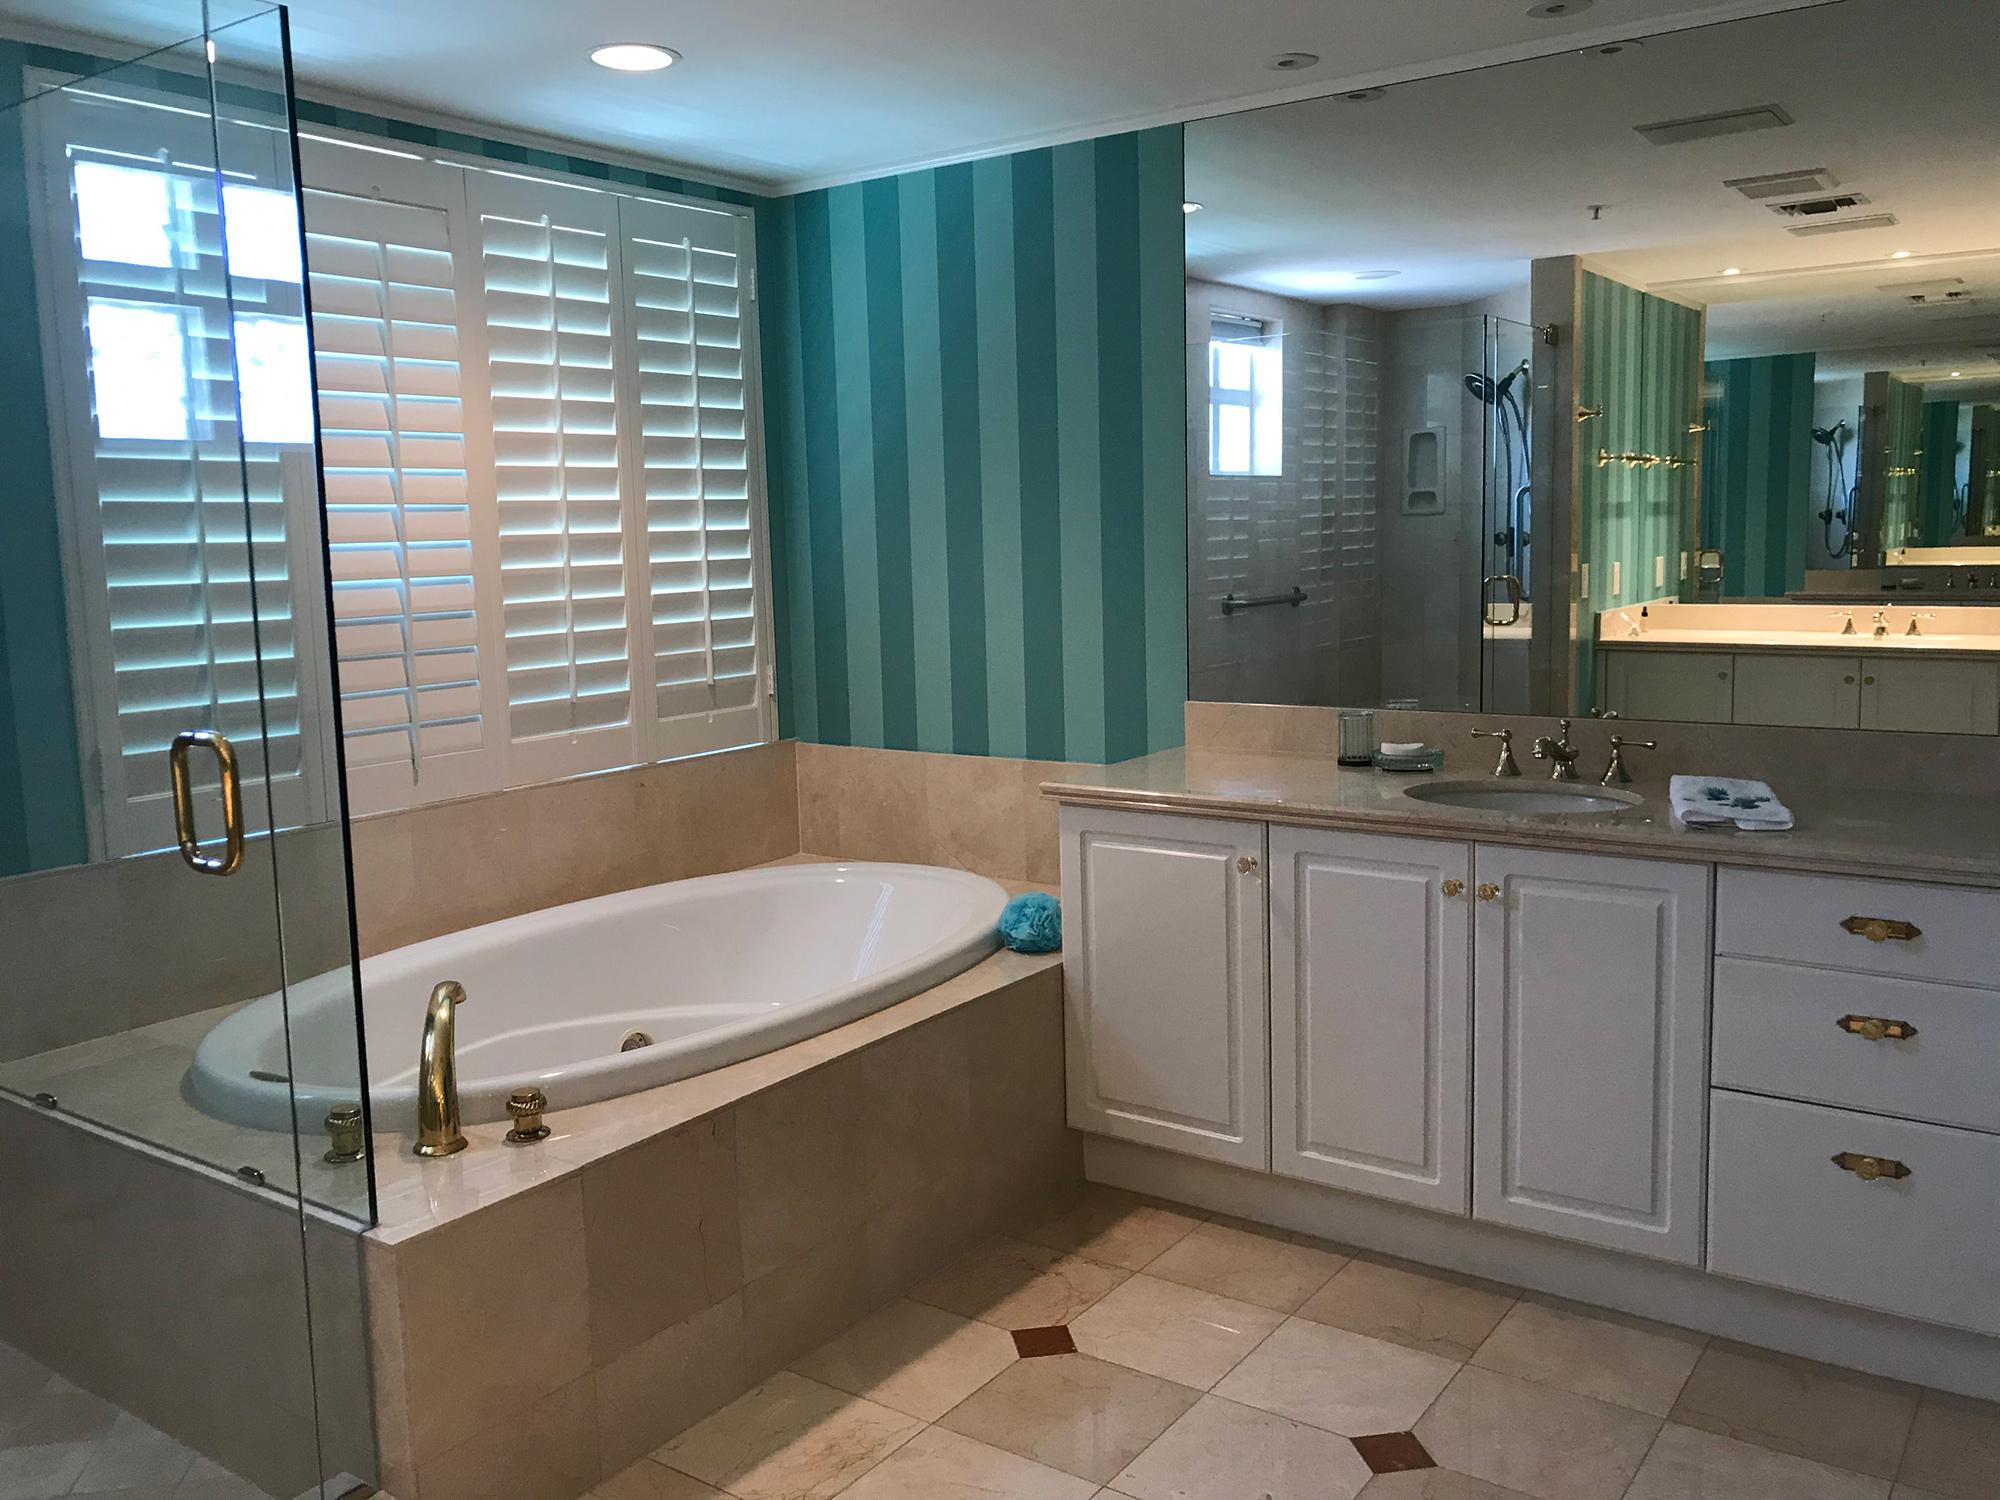 Master Bathroom Tub View Before